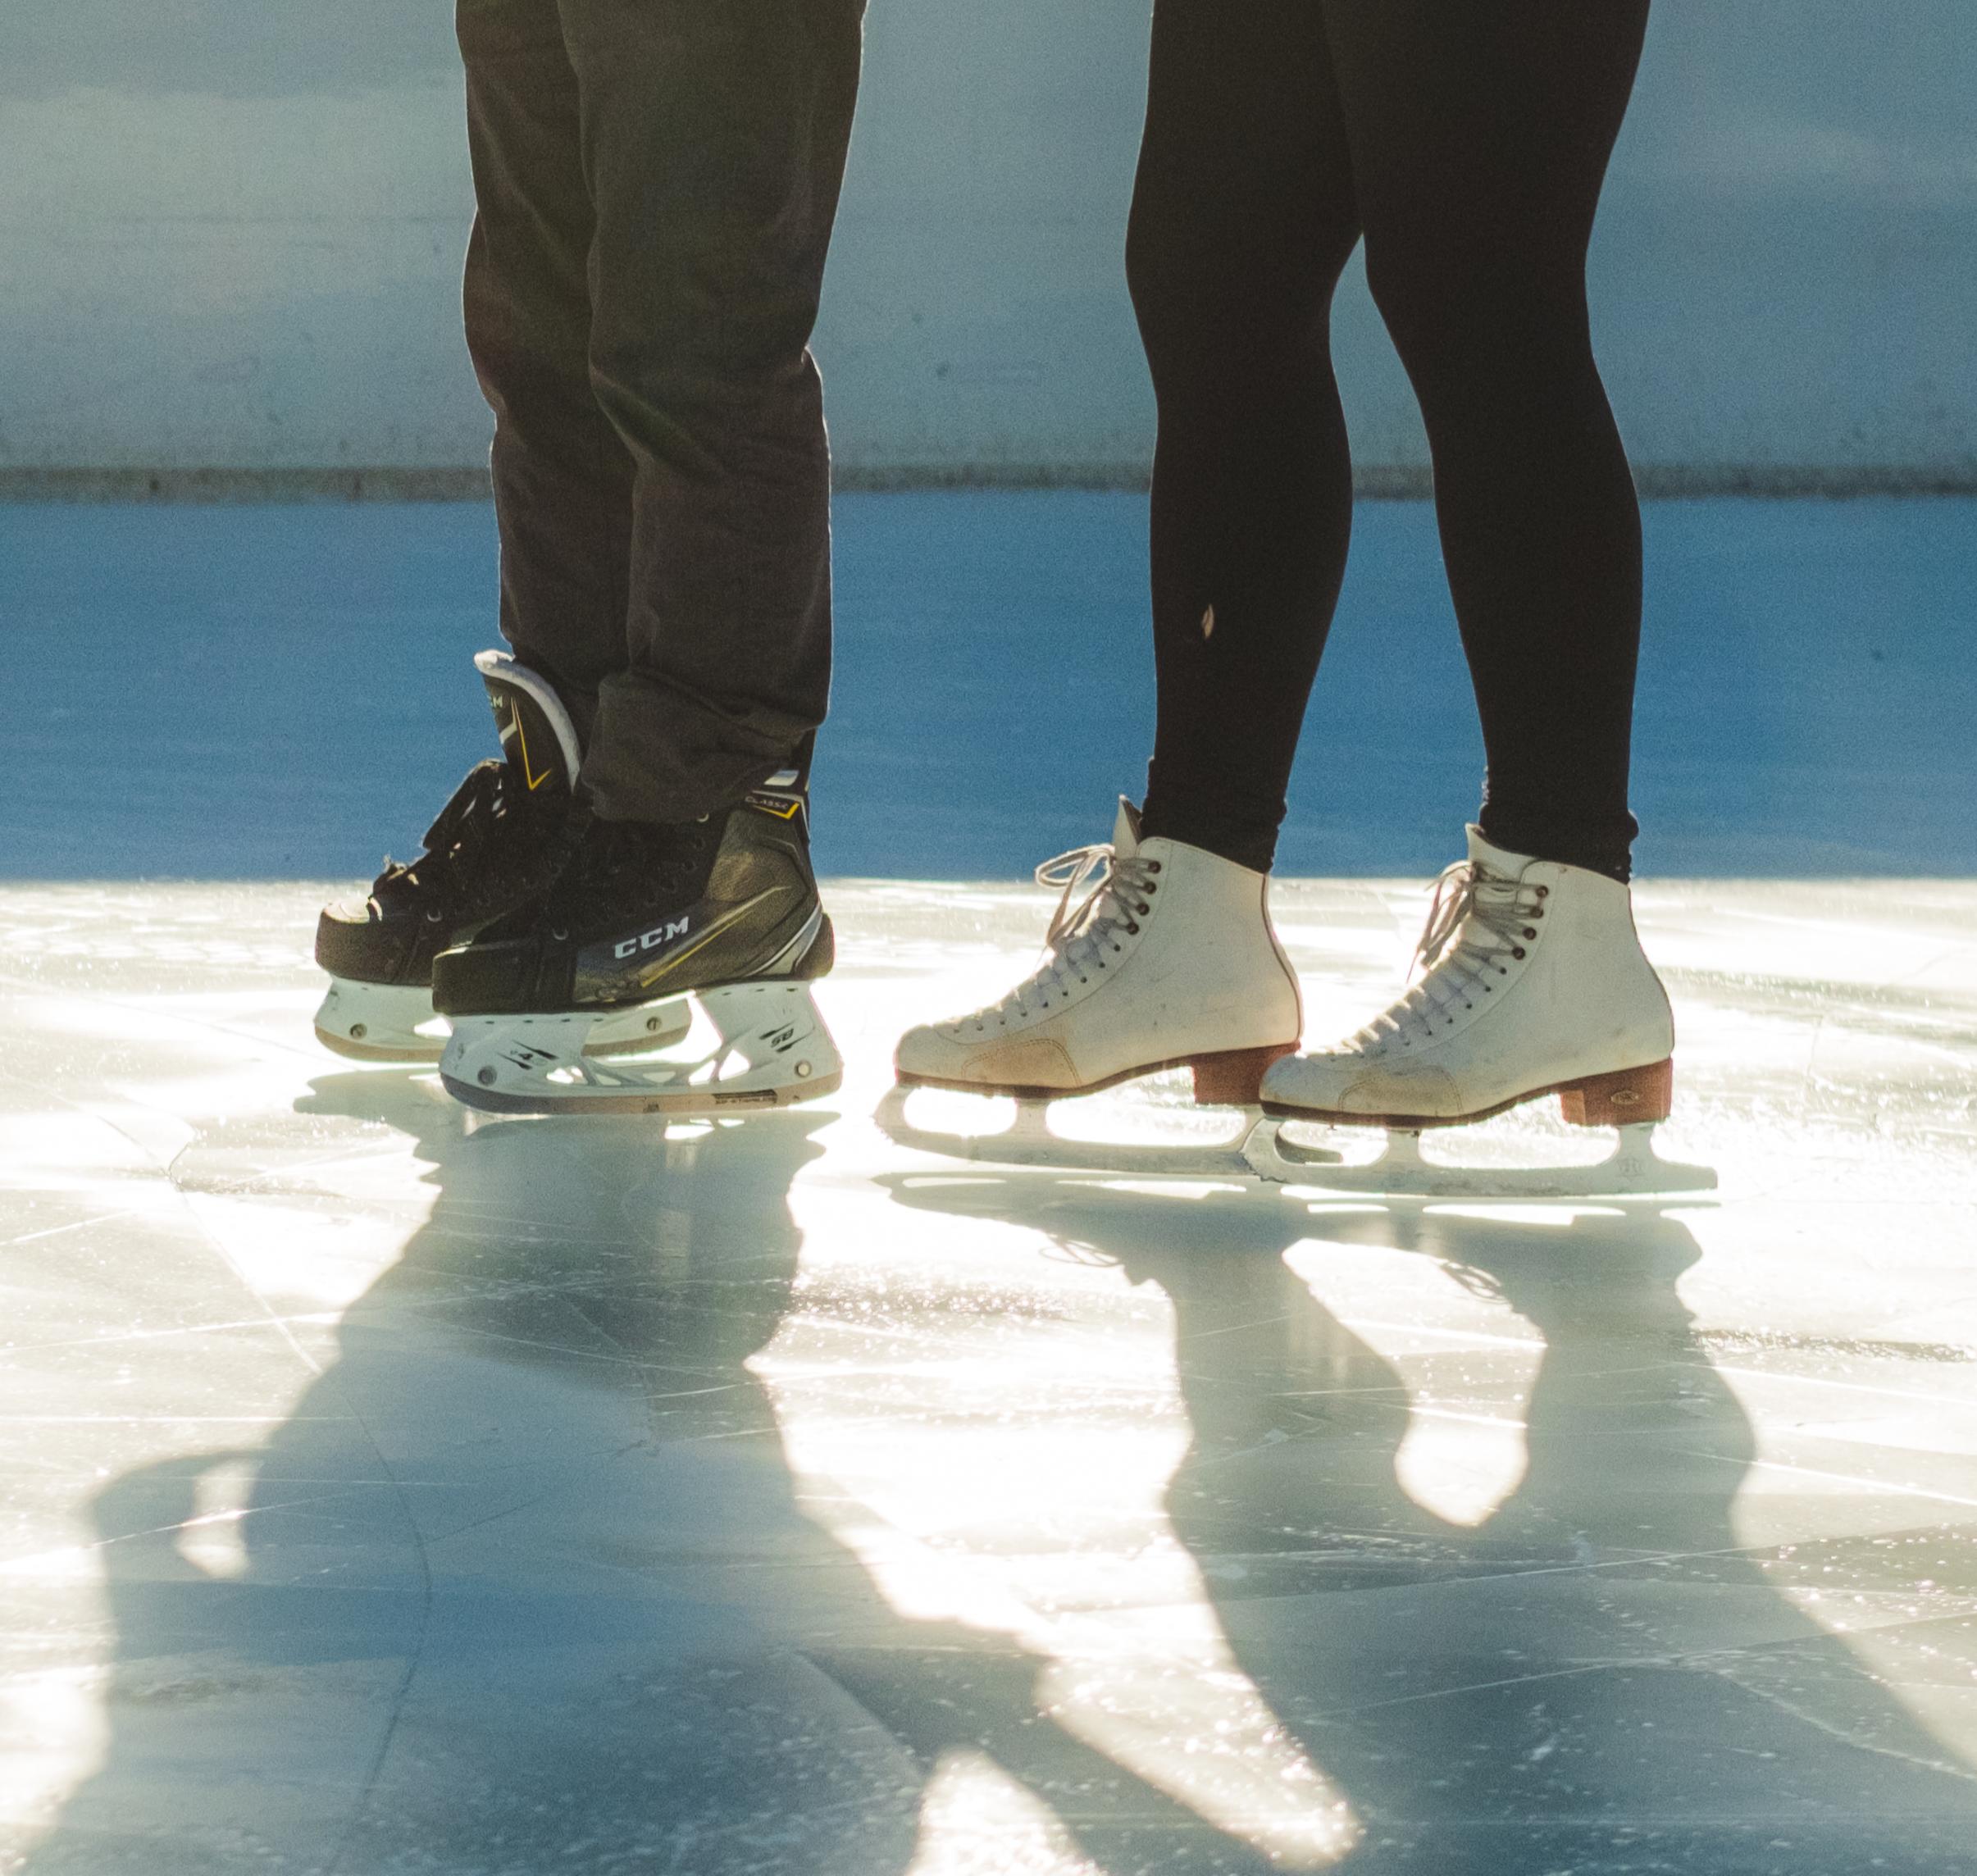 Weekday Open Skate